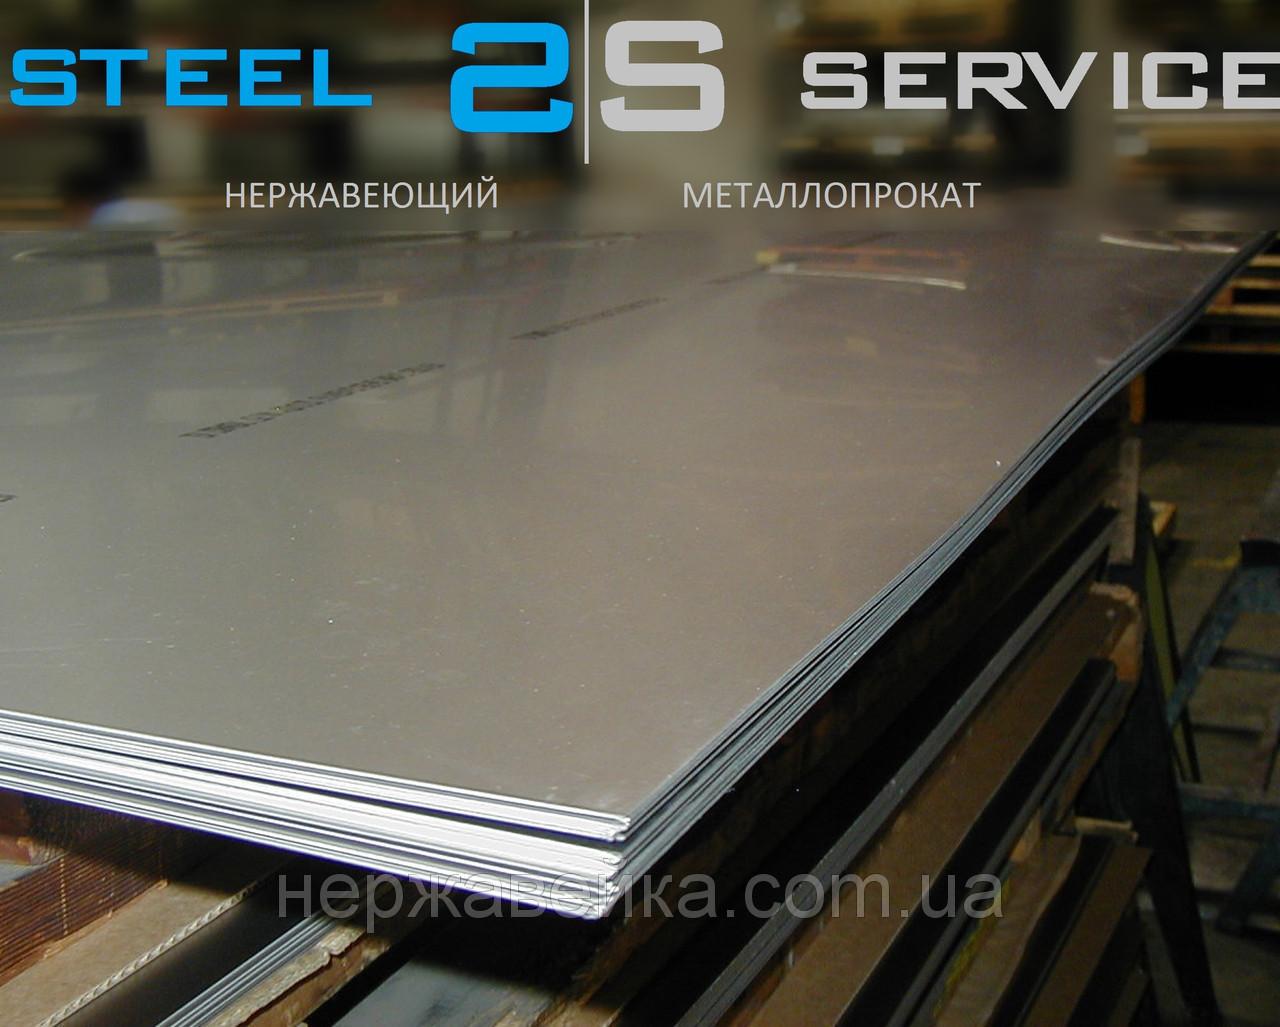 Нержавейка лист 3х1000х2000мм AiSi 201  (12Х15Г9НД) 4N - шлифованный